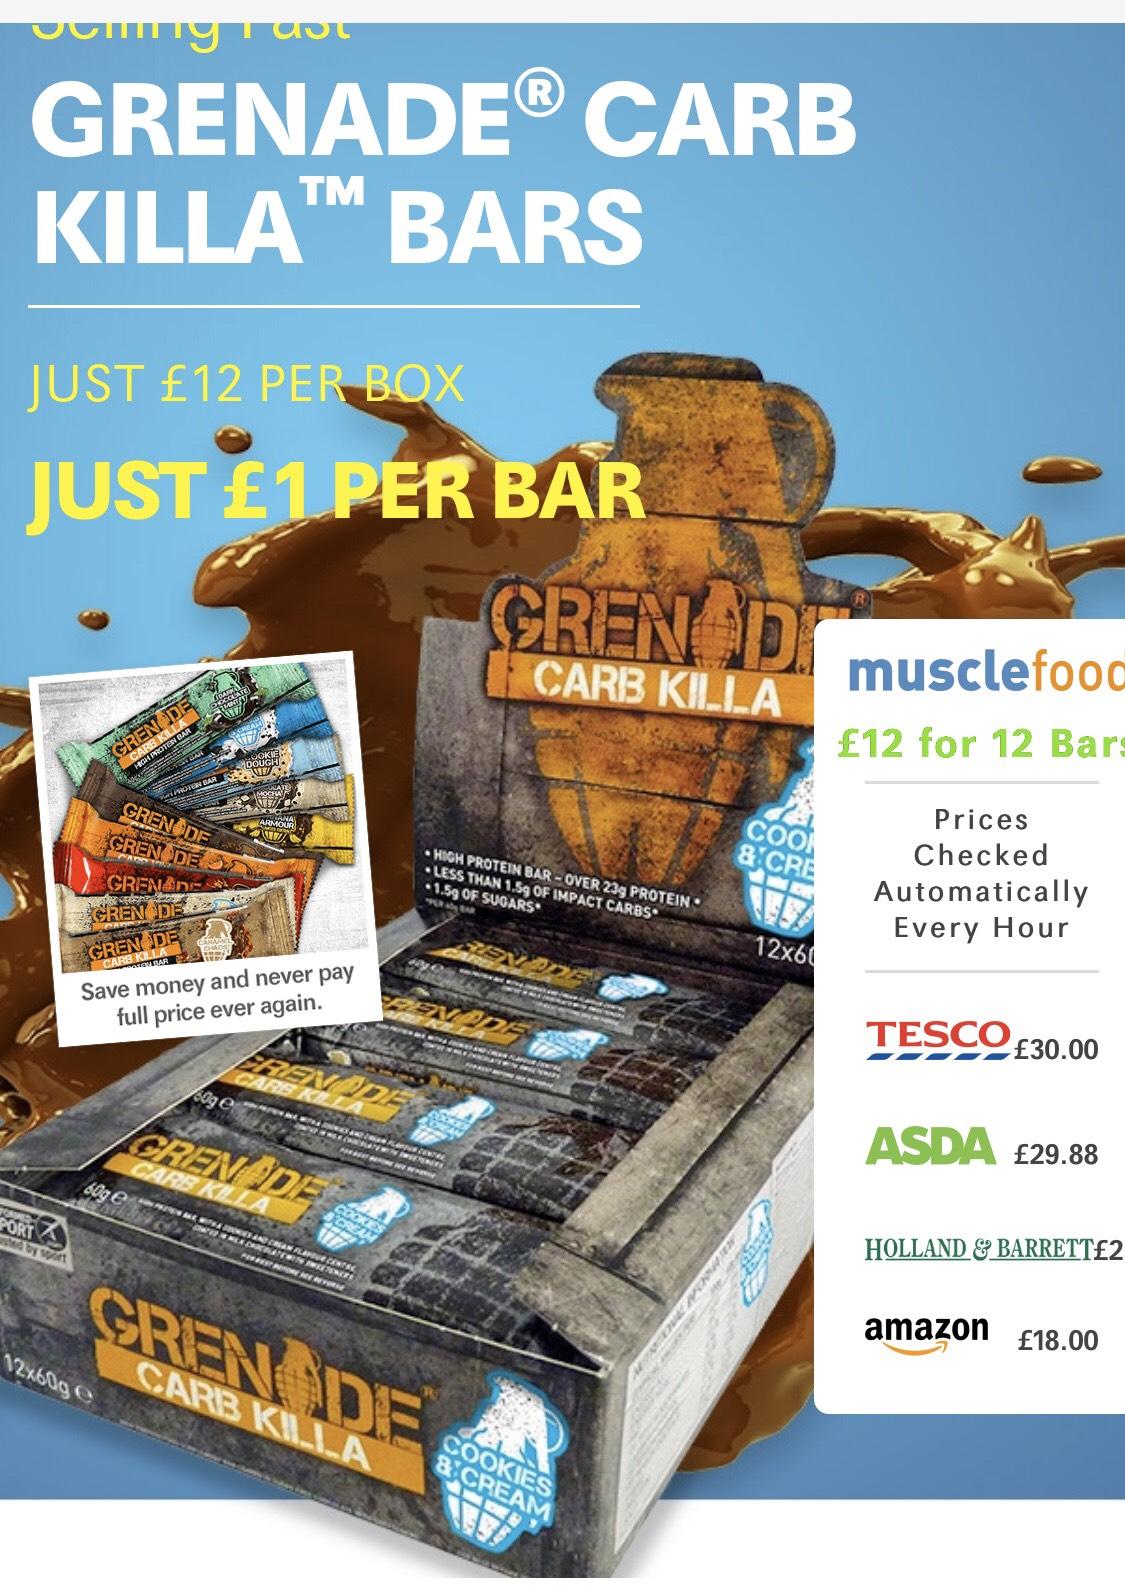 GRENADE® CARB KILLA™ BARS 12 bars for £12 + £3.99 del at musclefood